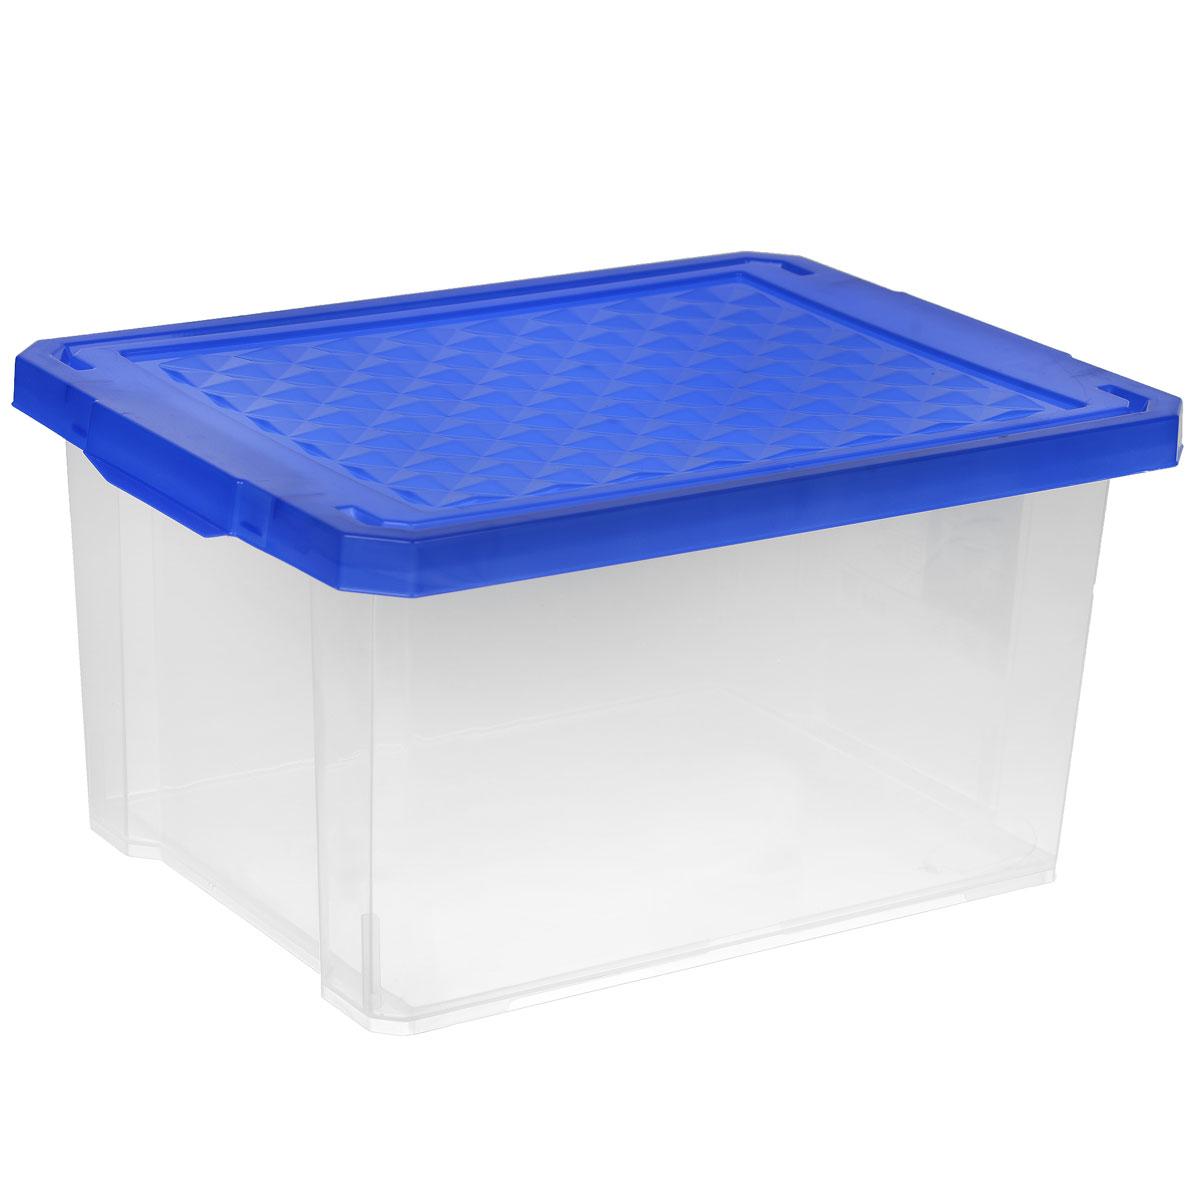 Ящик для хранения BranQ X-Box, цвет: синий, 17 л3331_голубойЯщик BranQ X-Box, выполненный из прочного пластика, предназначен для хранения различных мелких вещей. Оснащен крышкой и боковыми ручками для удобства переноски. Такой ящик поможет защитить нужные вещи от пыли, грязи и влаги.